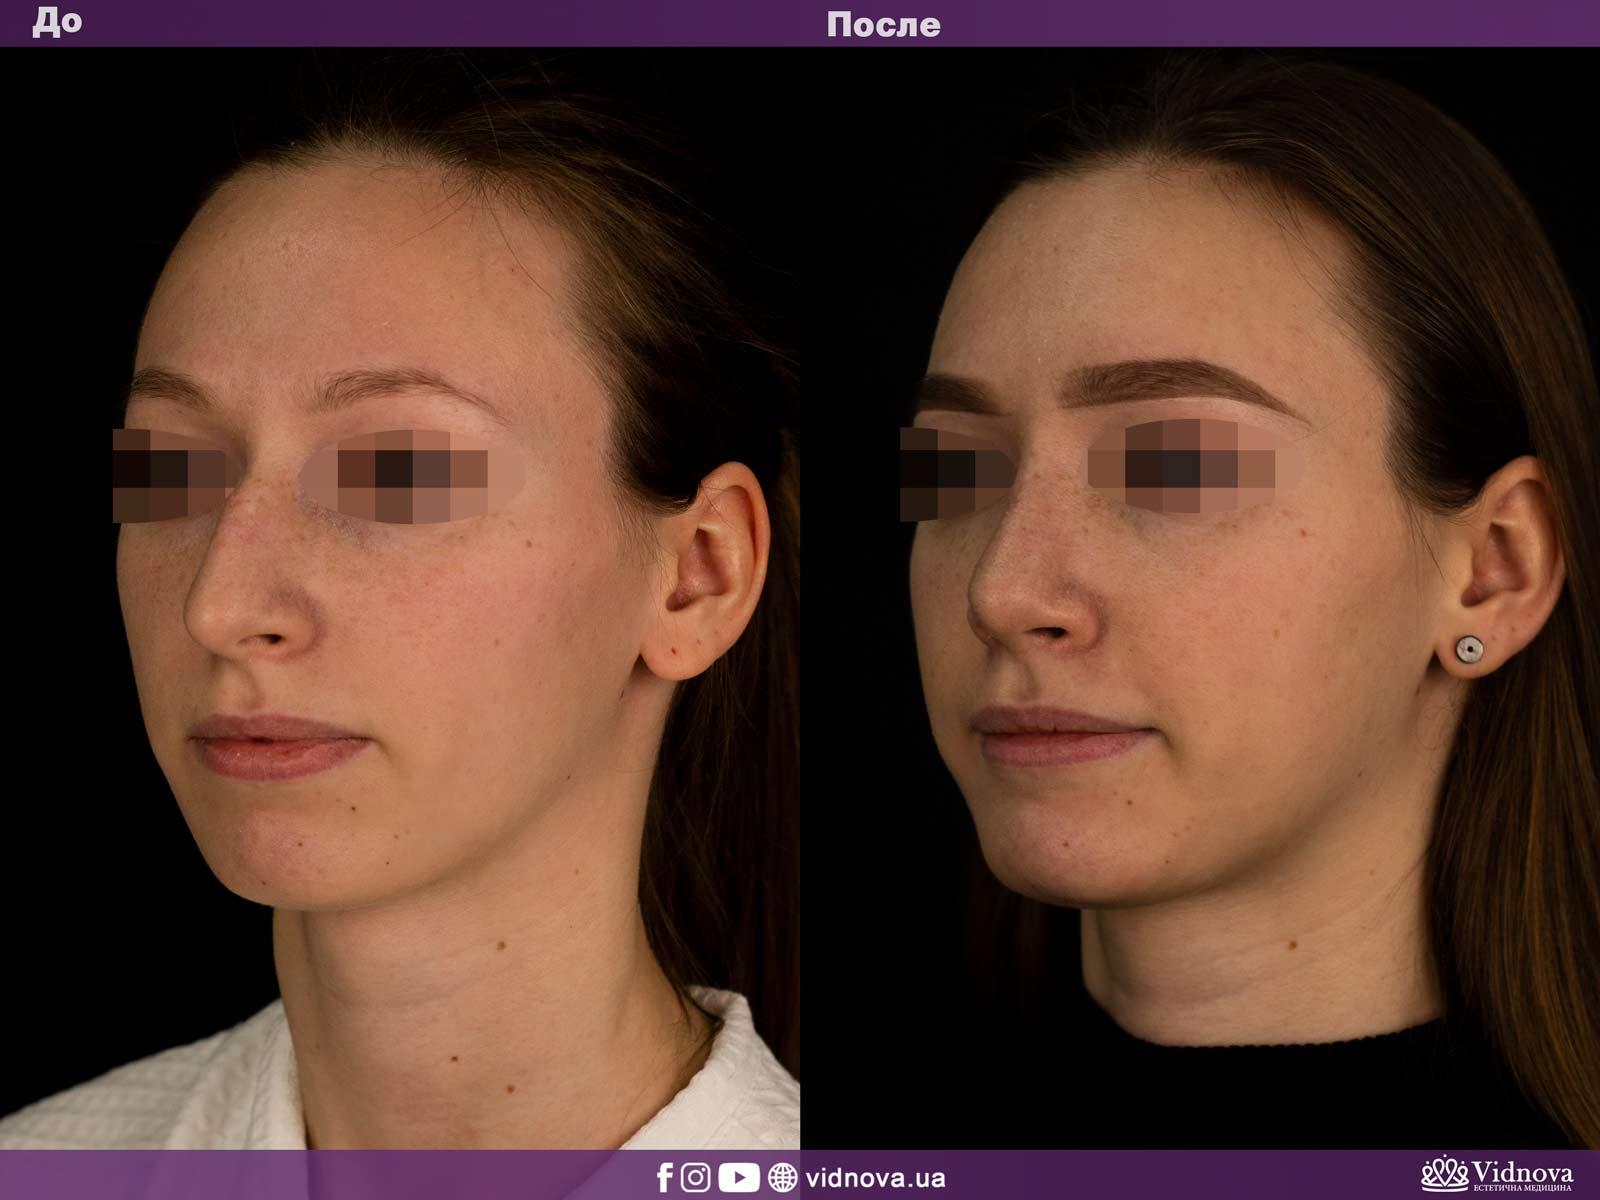 Ринопластика: Фото ДО и ПОСЛЕ - Пример №1-2 - Клиника Vidnova